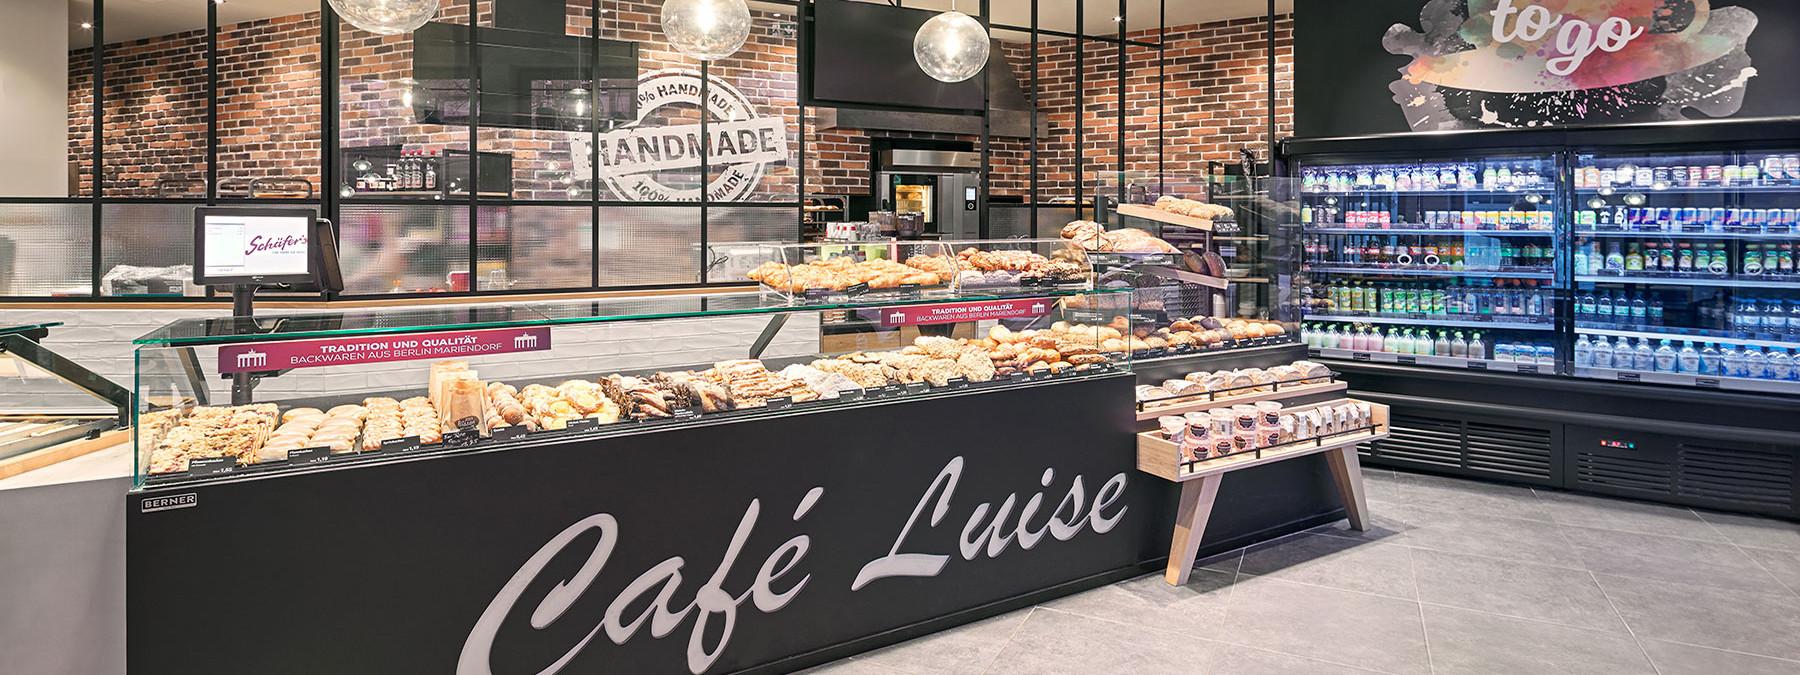 {f:if(condition: 'Modern & historisch angehaucht', then: 'Schäfer's Café Luise – Modern & historisch angehaucht', else: '{f:if(condition:\'\', then:\'\', else: \'Schäfer's | Café Luise\')}')}